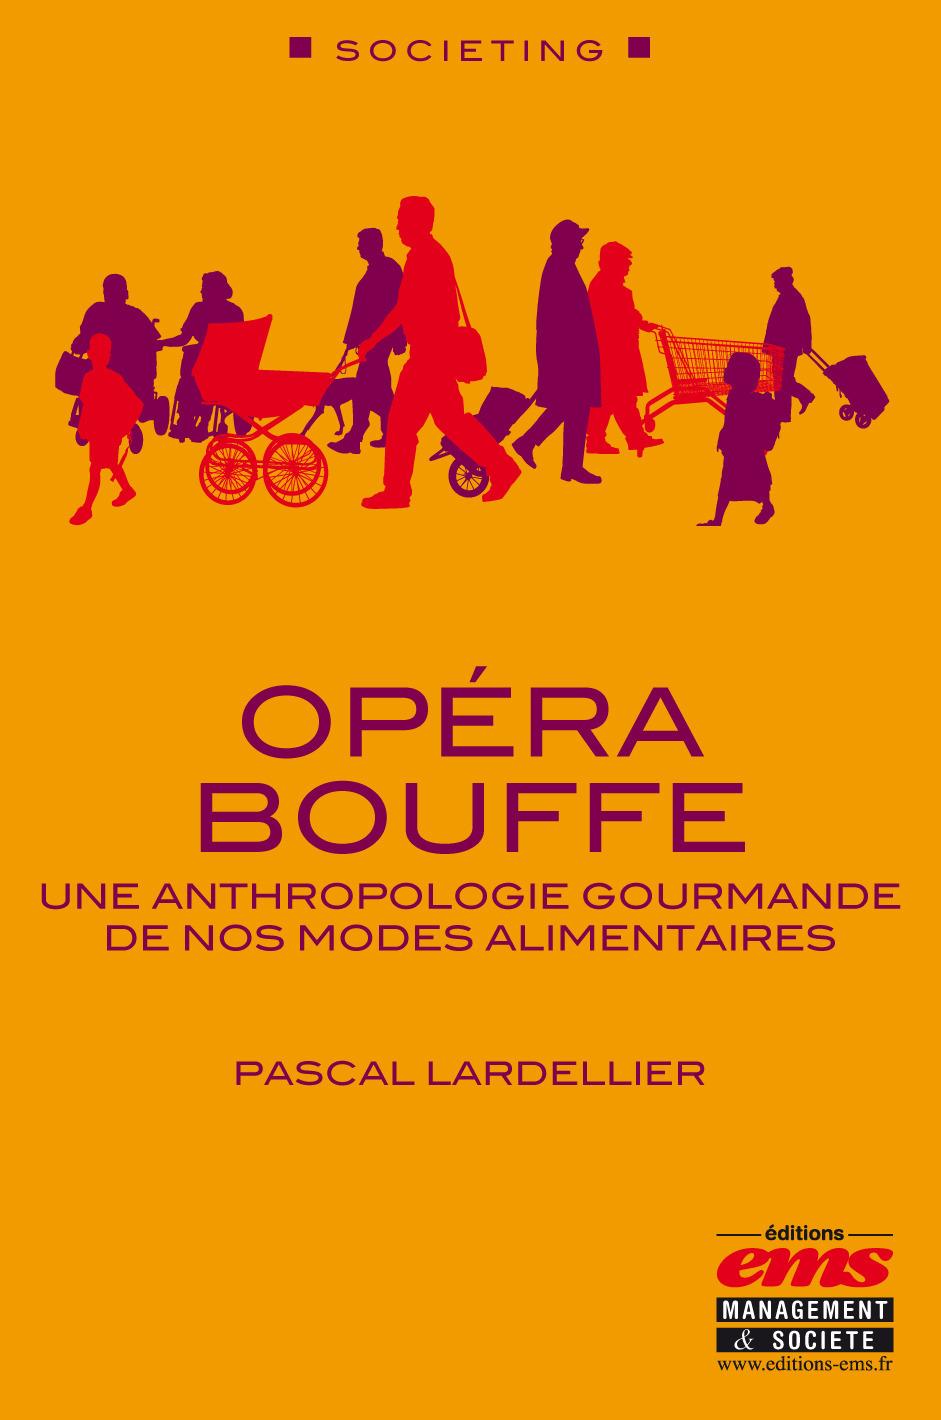 Opéra bouffe ; une anthropologie gourmande de nos modes alimentaires